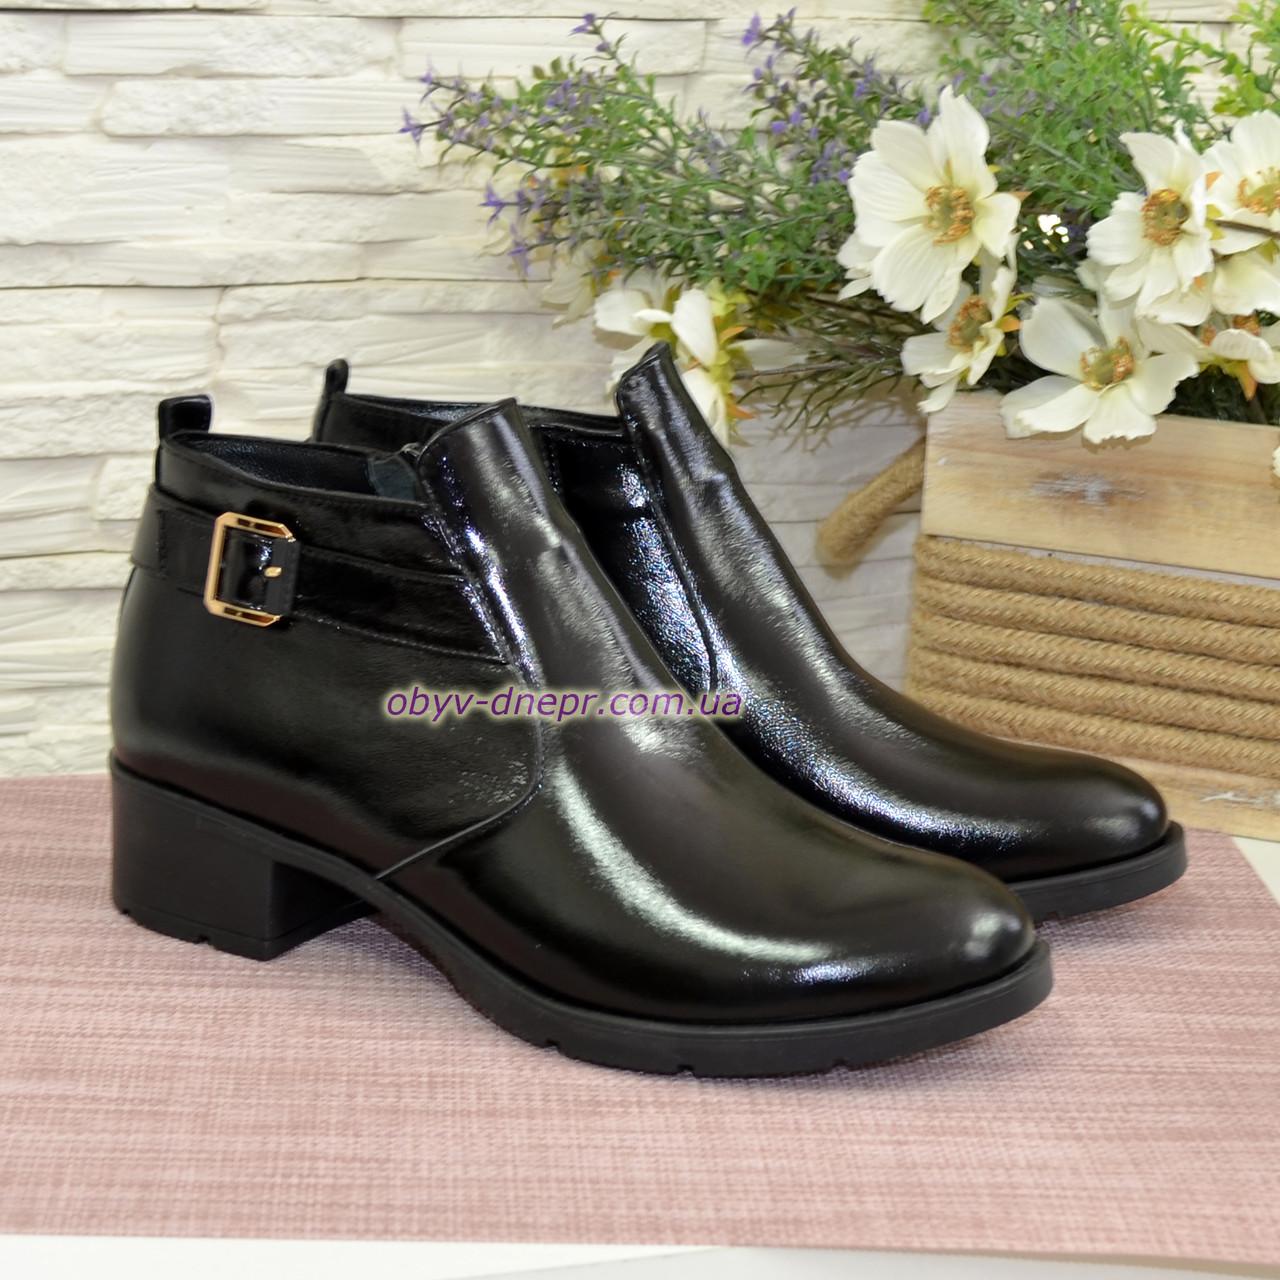 Ботинки лаковые демисезонные на невысоком каблуке